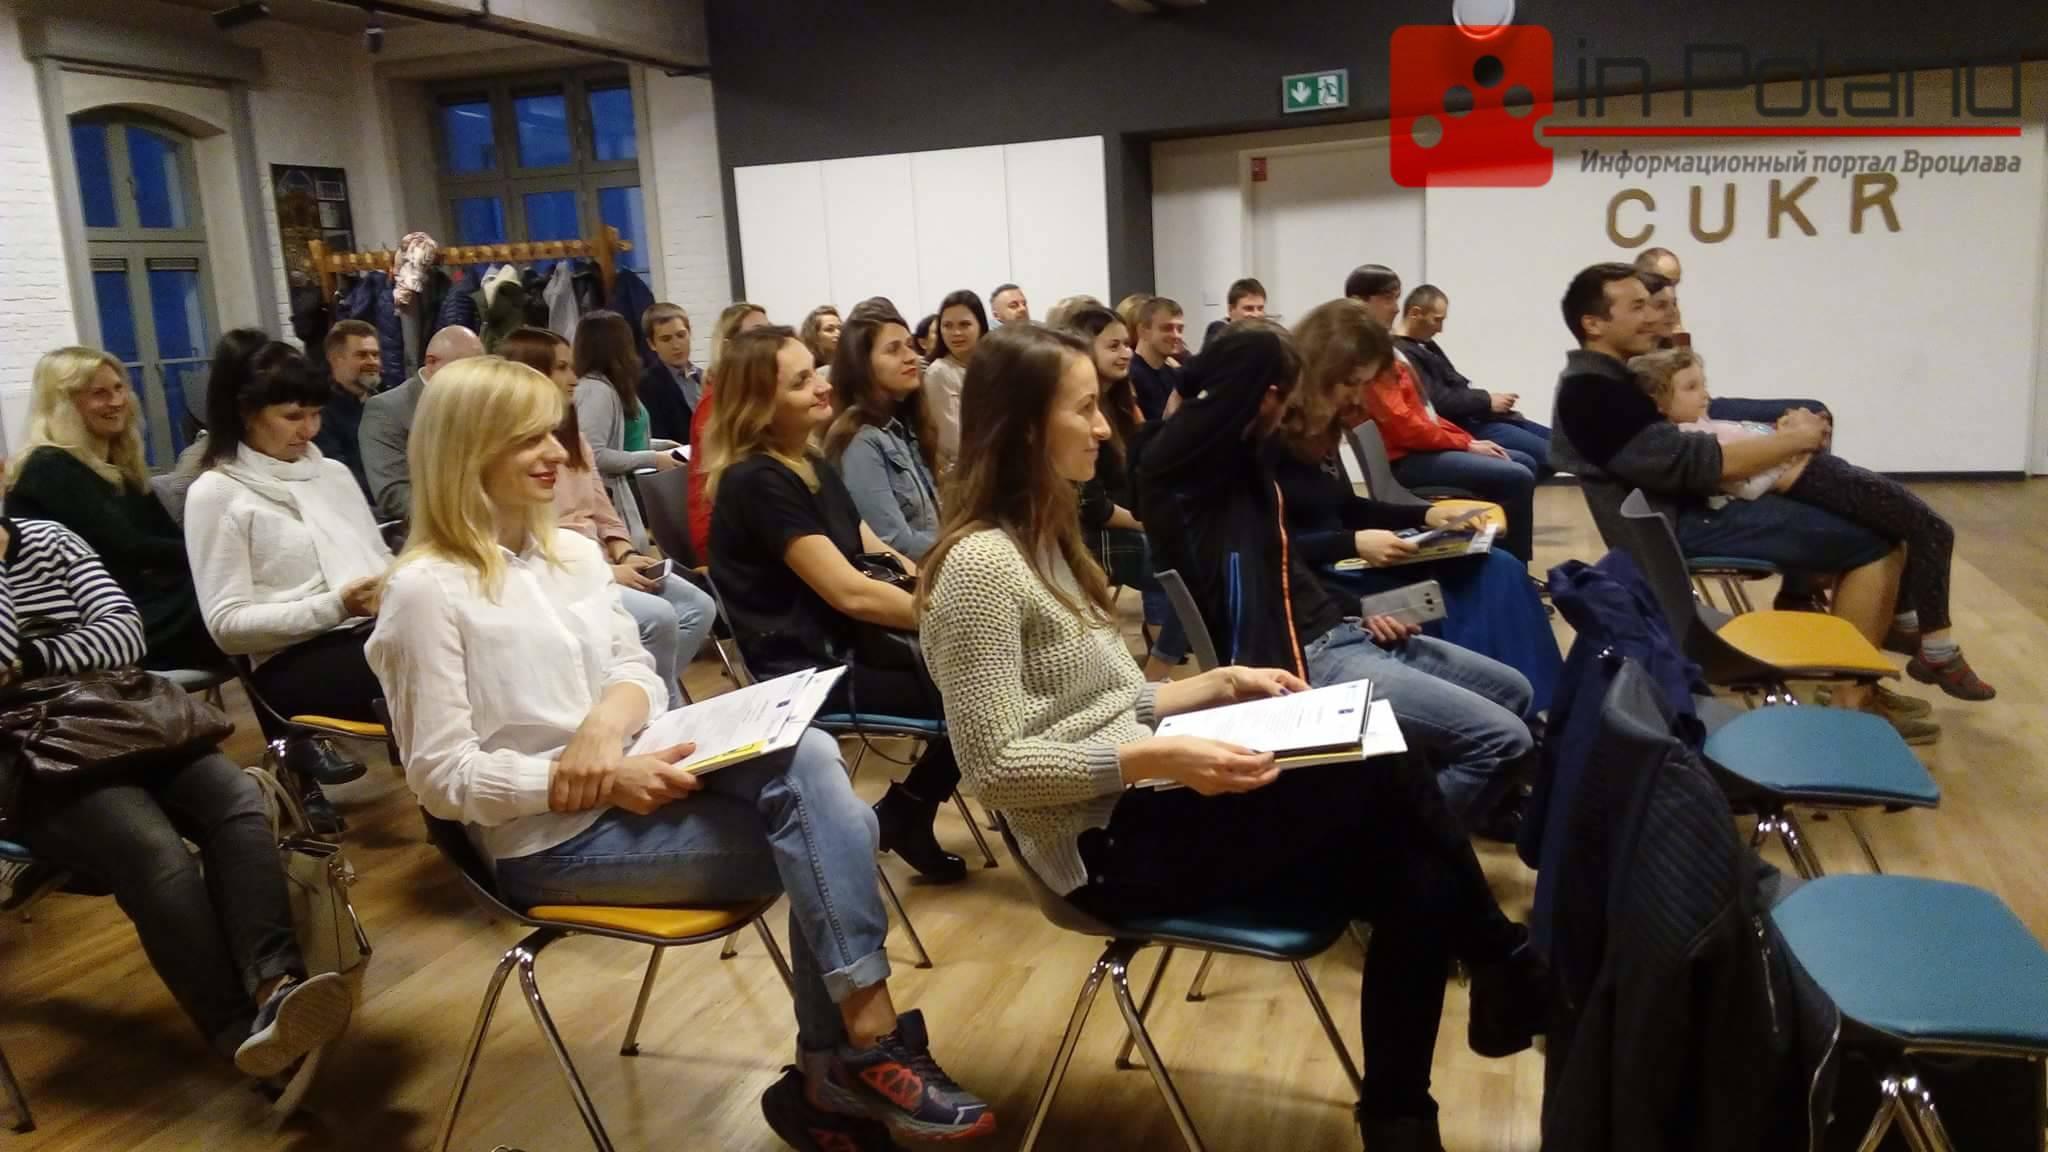 Вересень повний знань: тренінги для мігрантів від CUKR у Вроцлаві (+ГРАФІК)